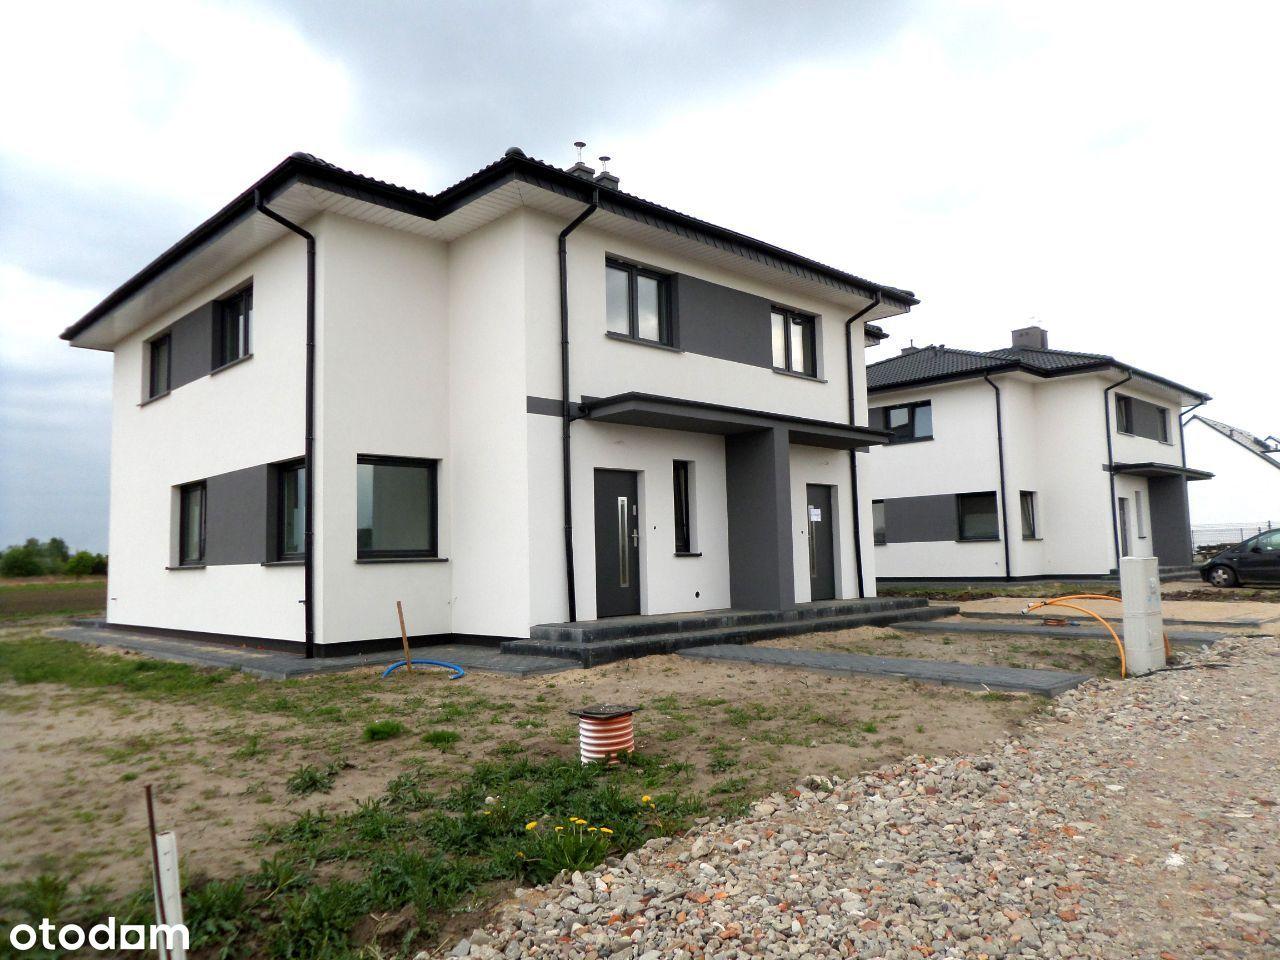 Nowe domy w Rokietnicy/ogrz podłogowe